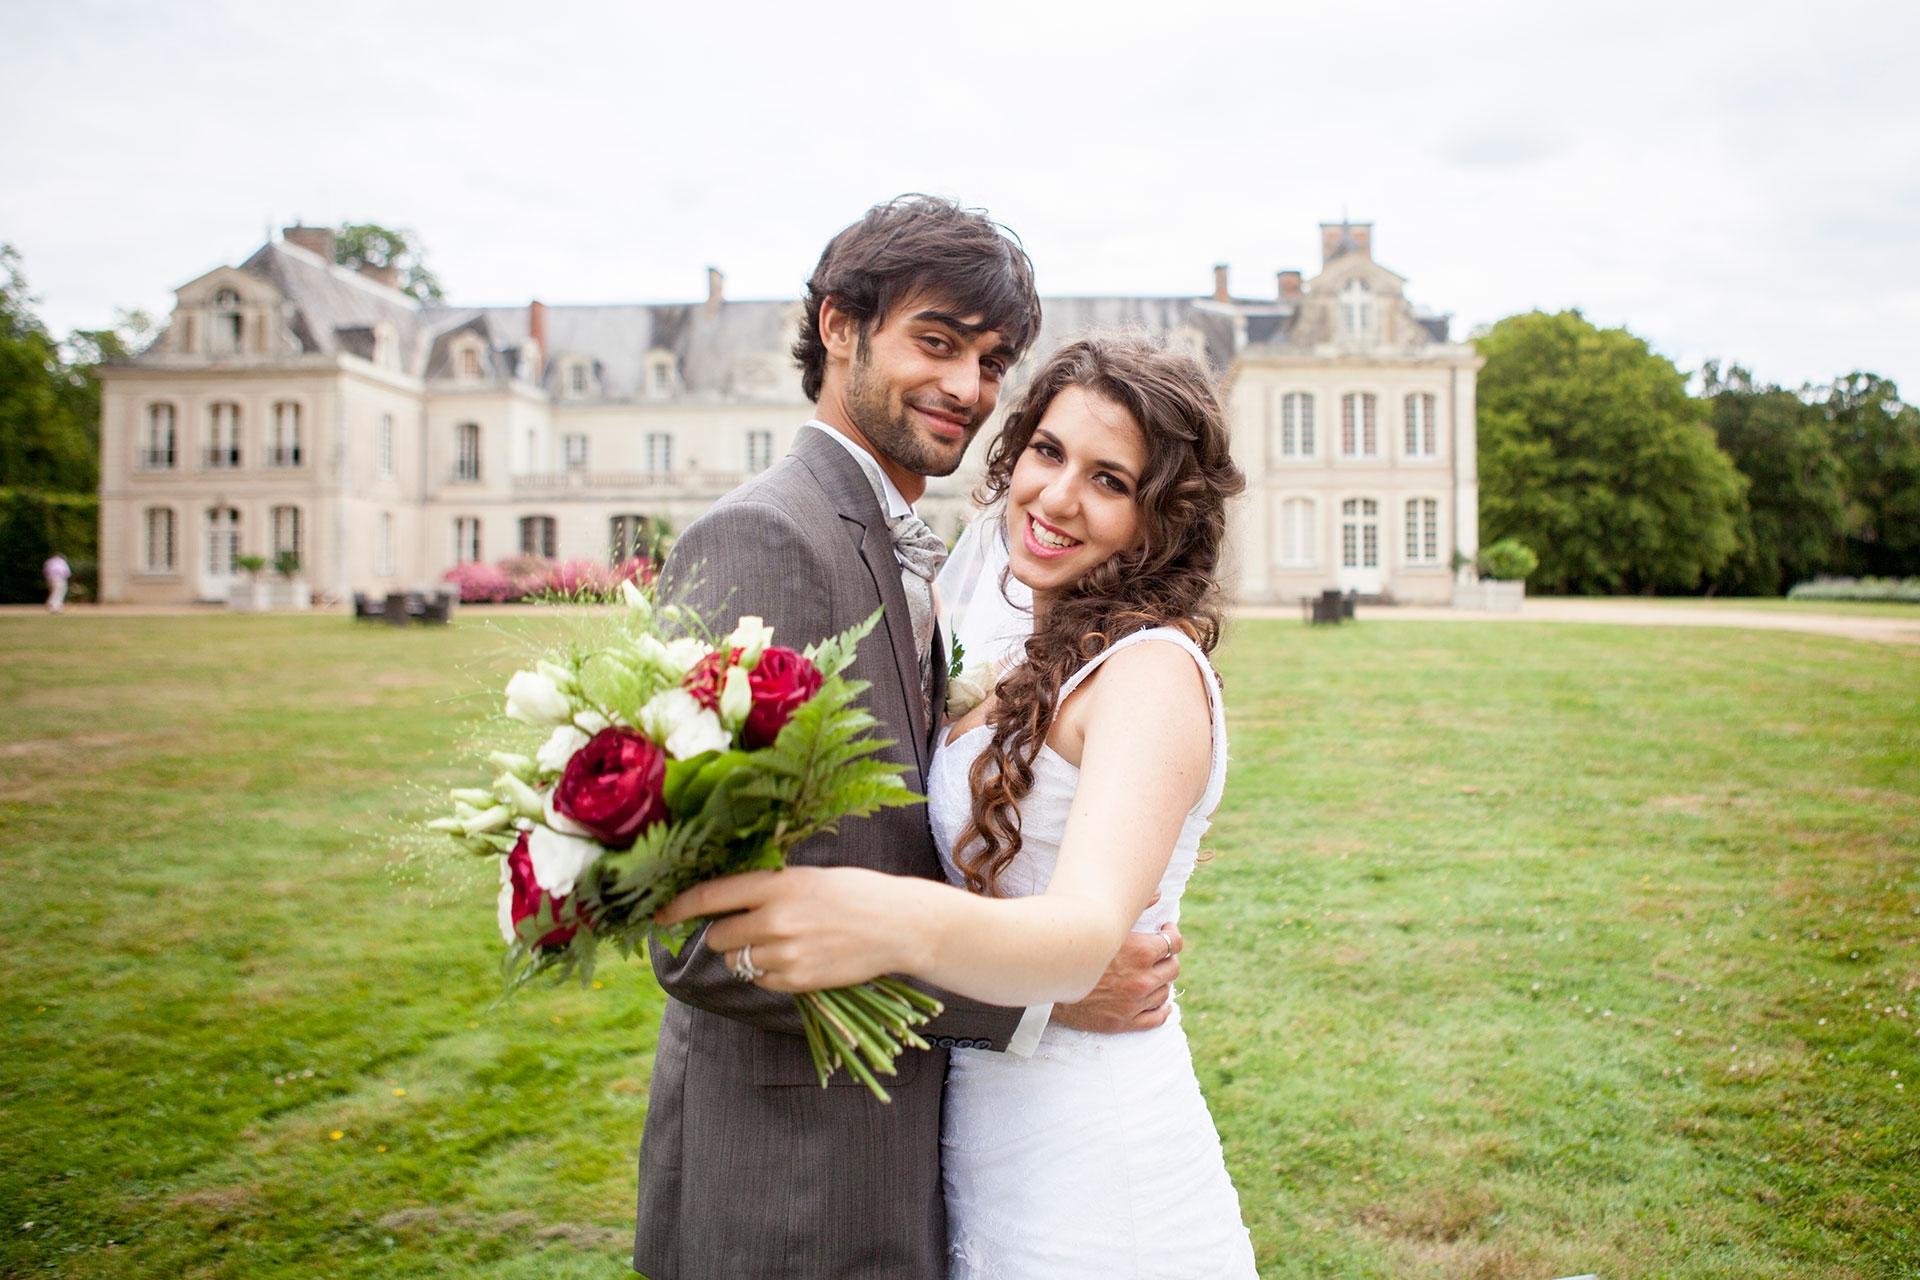 particuliers-evenements-mariages-oui-agnes&louis-57